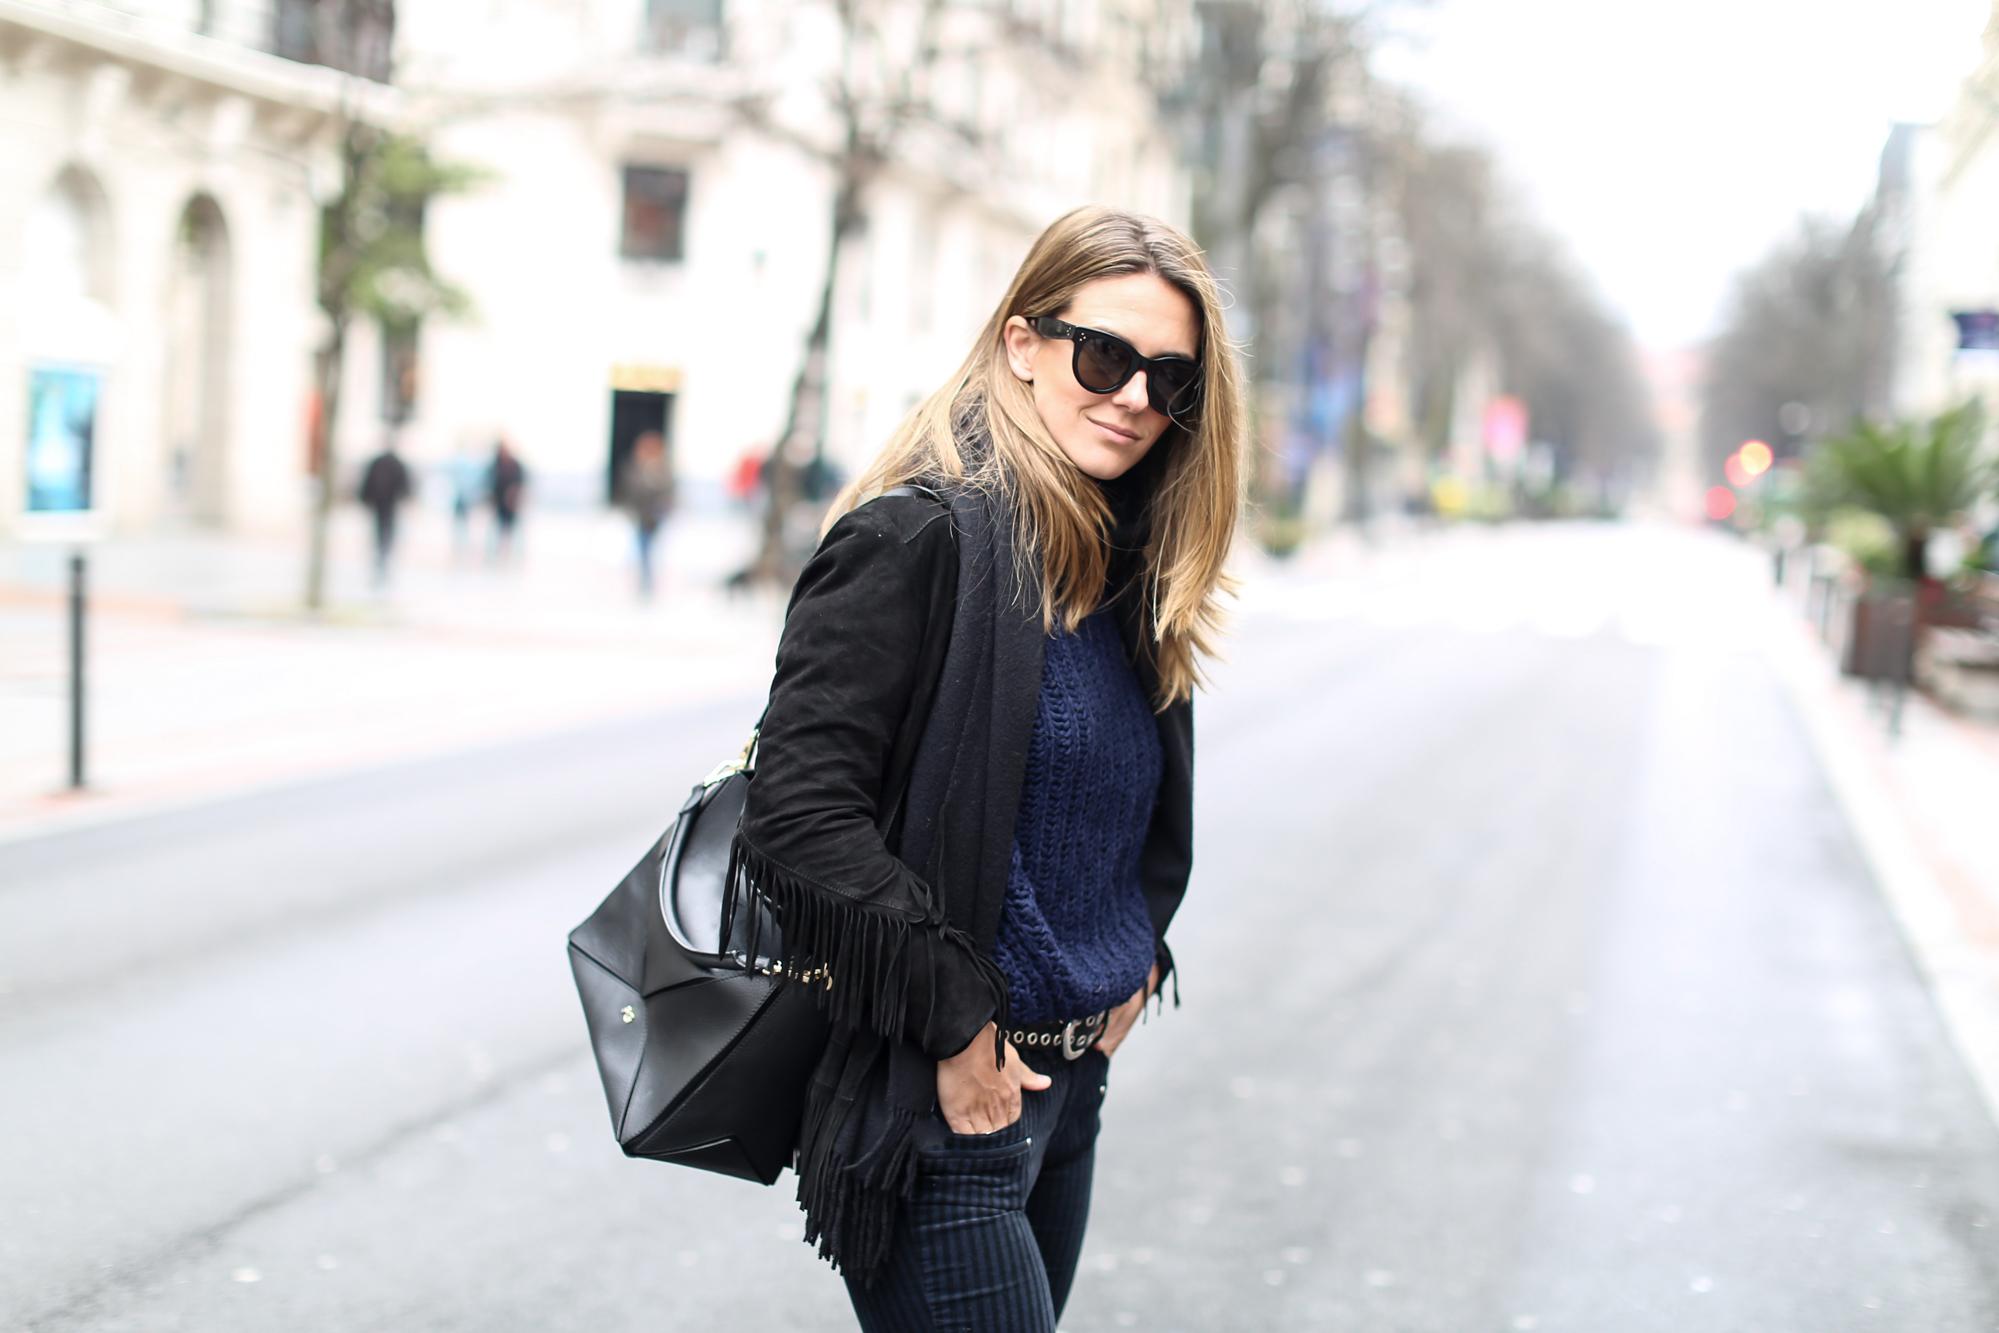 Clochet_streetstyle_fashionblogger_purificacióngarcia_bolsotrangram_chaquetaanteflecosmaje-5